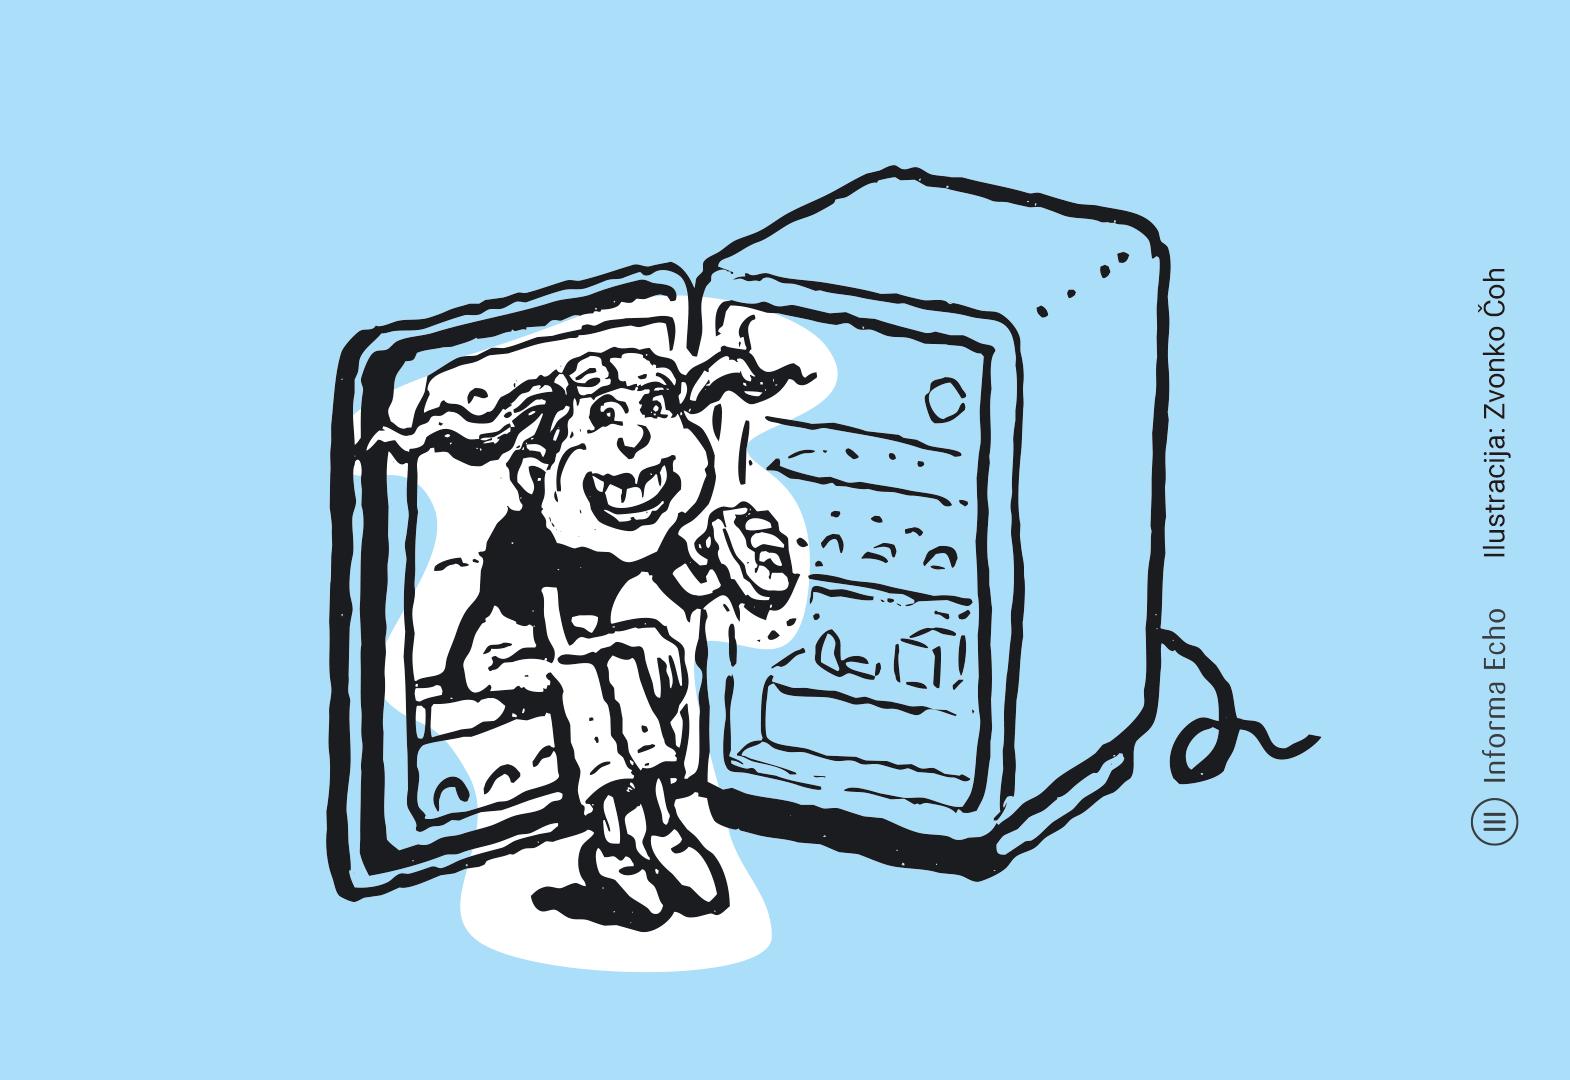 Optimalna temperatura v hladilniku je približno 5 °C / Ilustracija: Zvonko Čoh